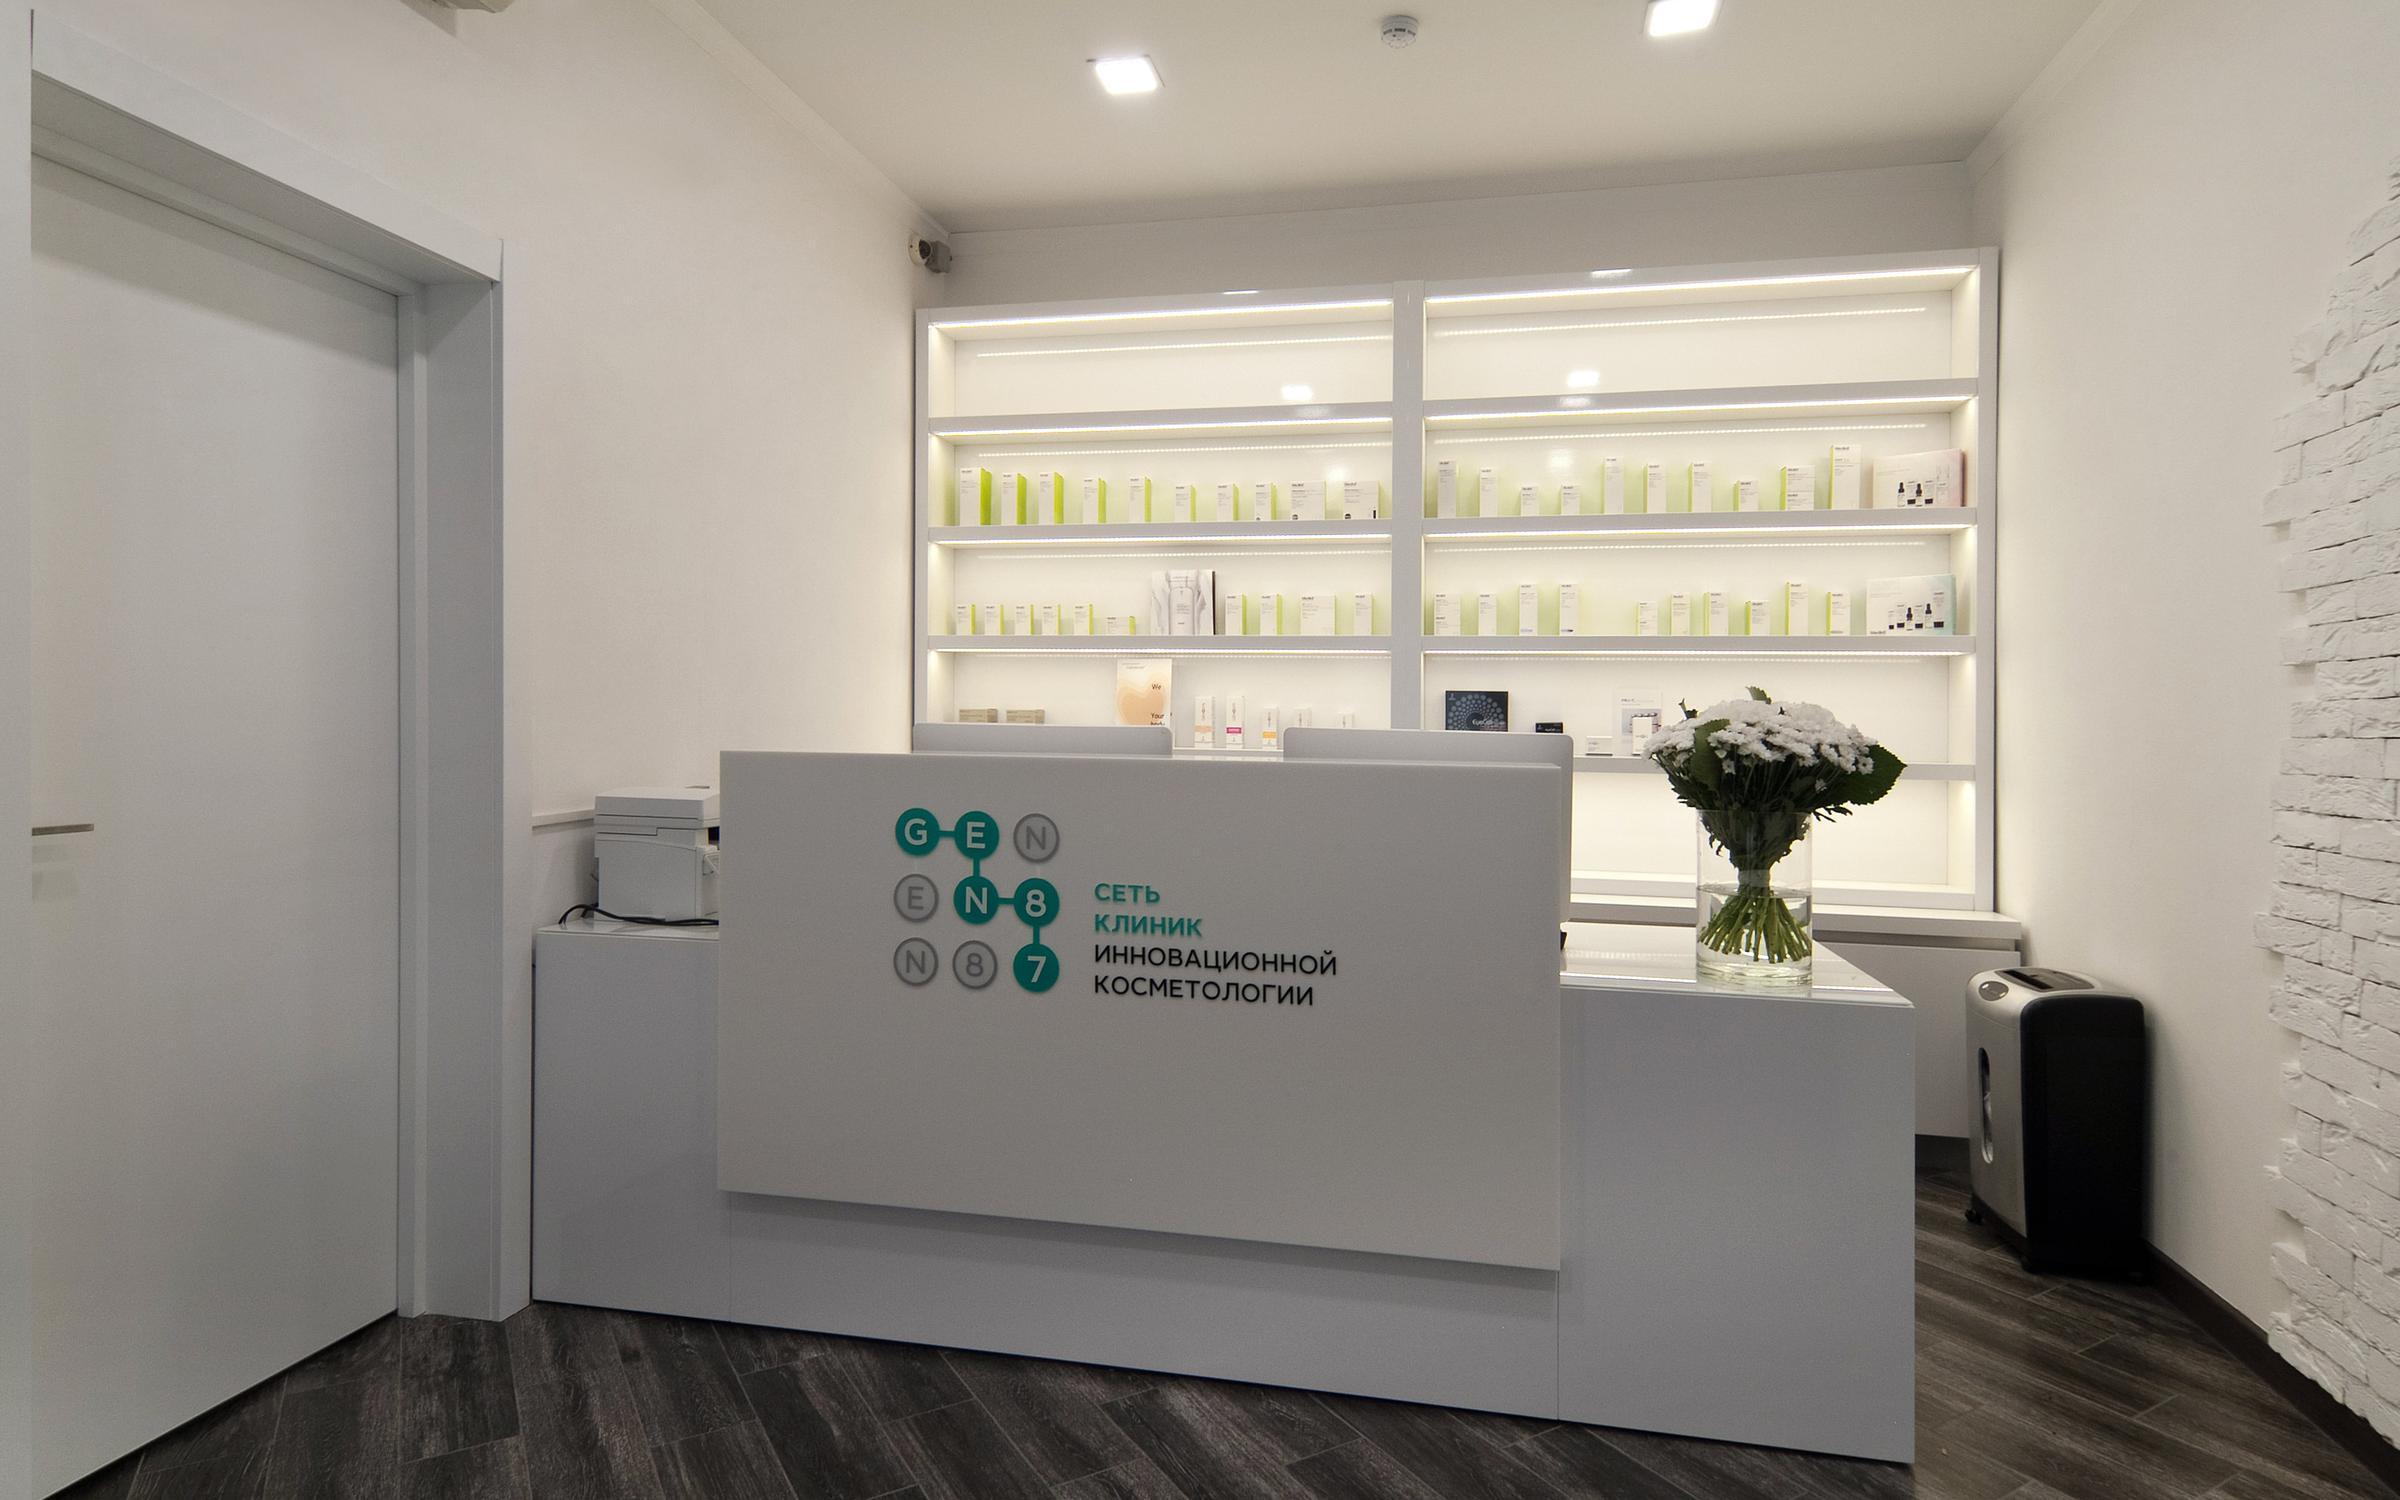 фотография Клиники инновационной косметологии GEN87 в Крылатском